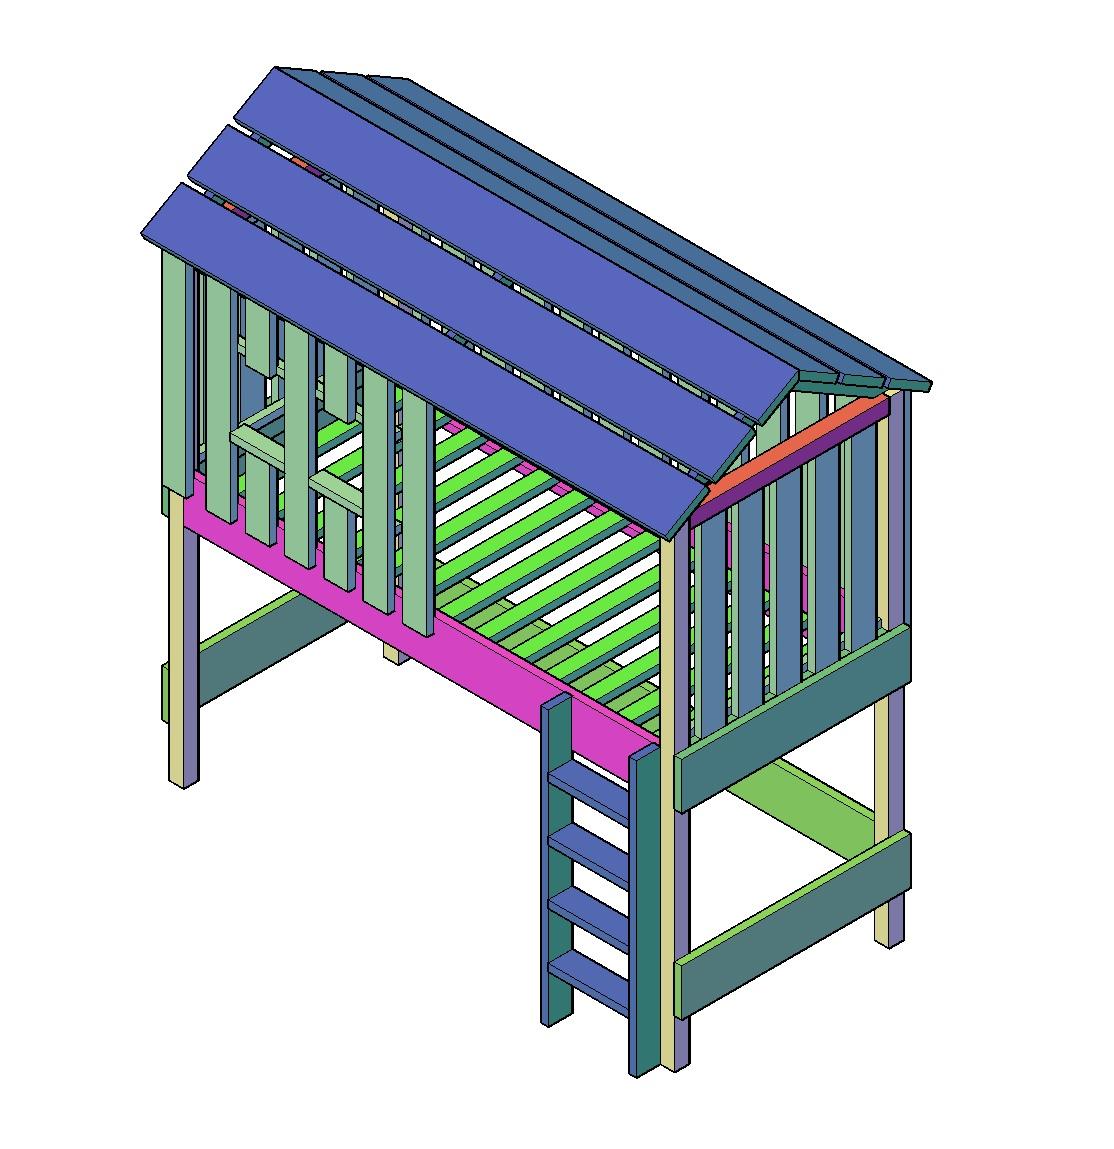 Super Boomhutbed bouwtekening - Klus Tekeningen @GU75